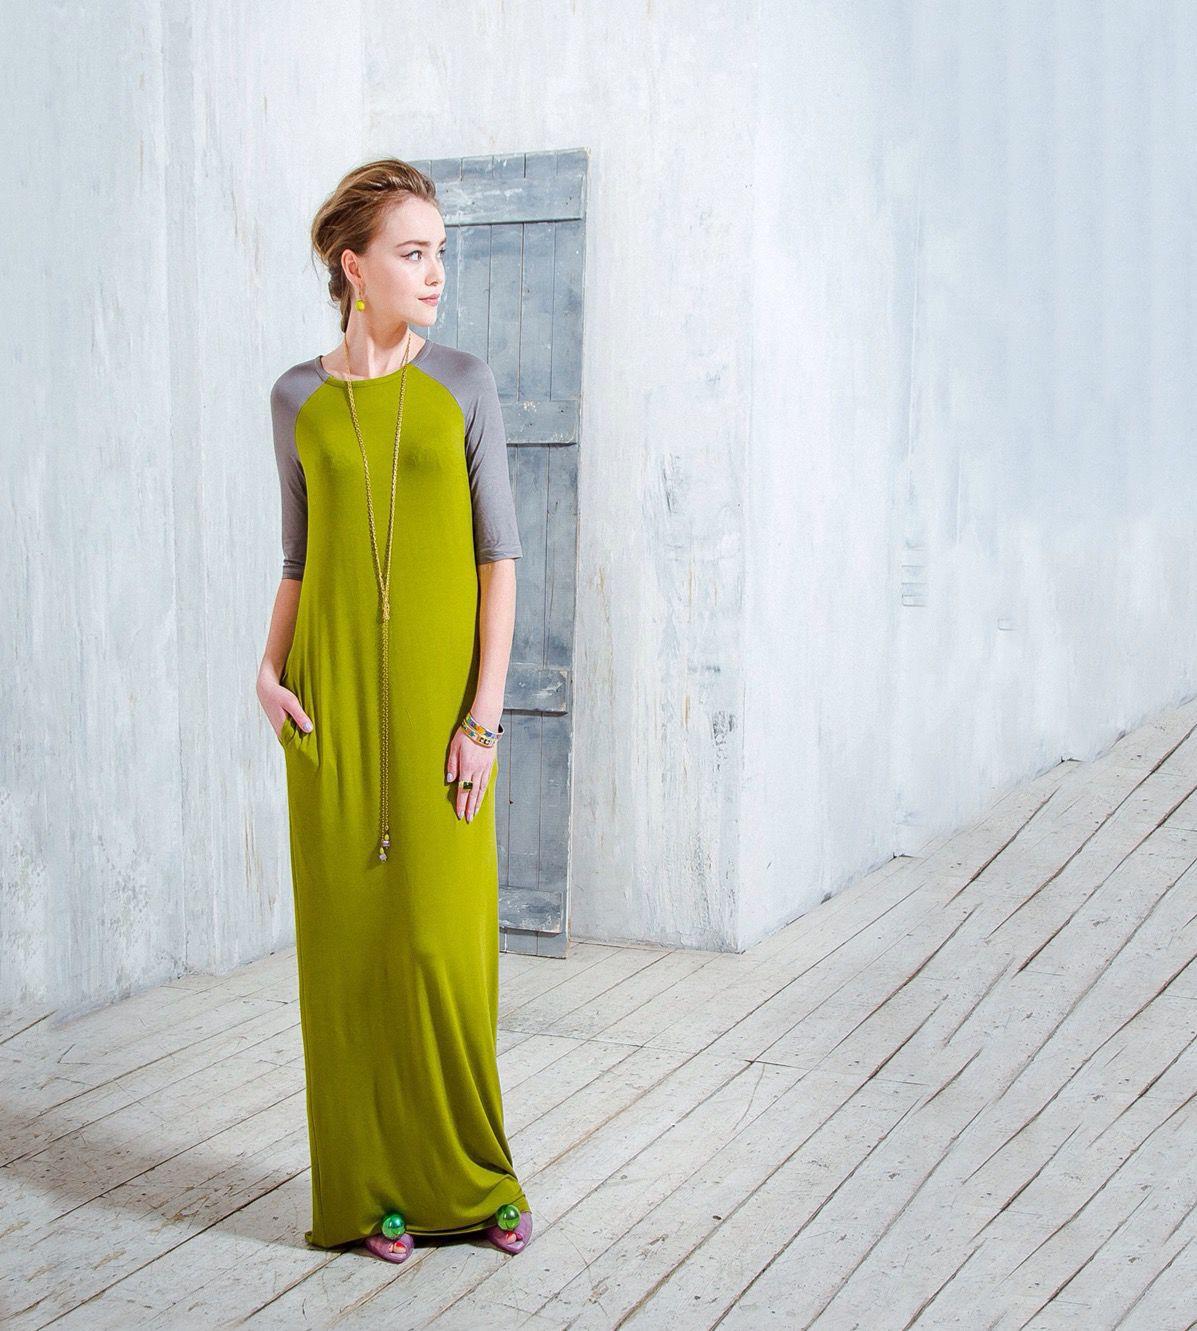 fa3b3ac6b30 Новости партнеров - Выбор трикотажного платья для самых разных женщин